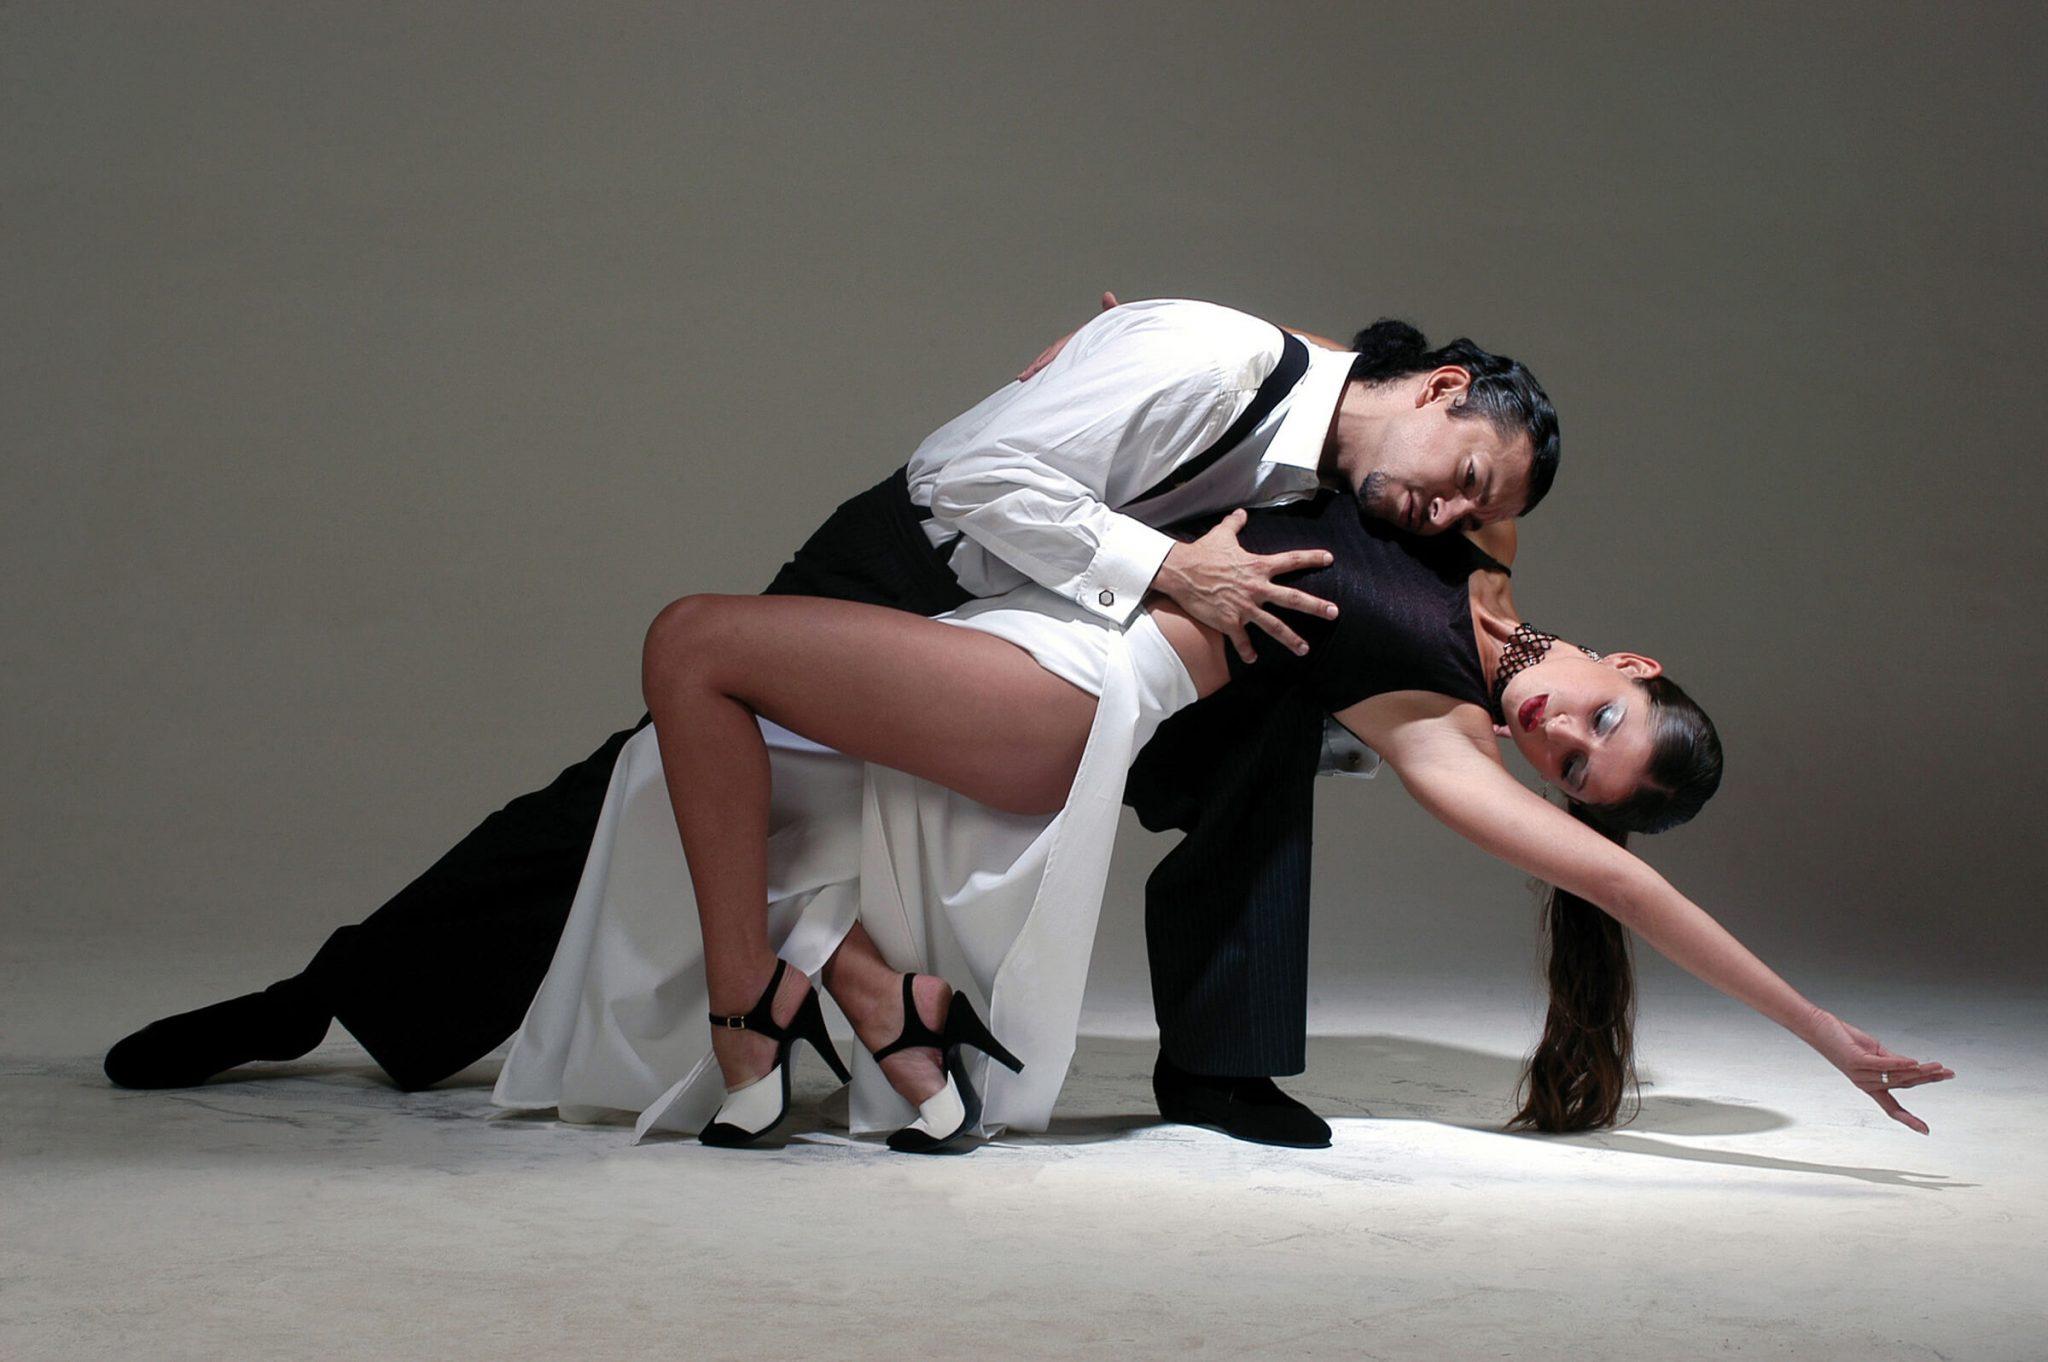 tango-leike-dance-shoes-for-women-m